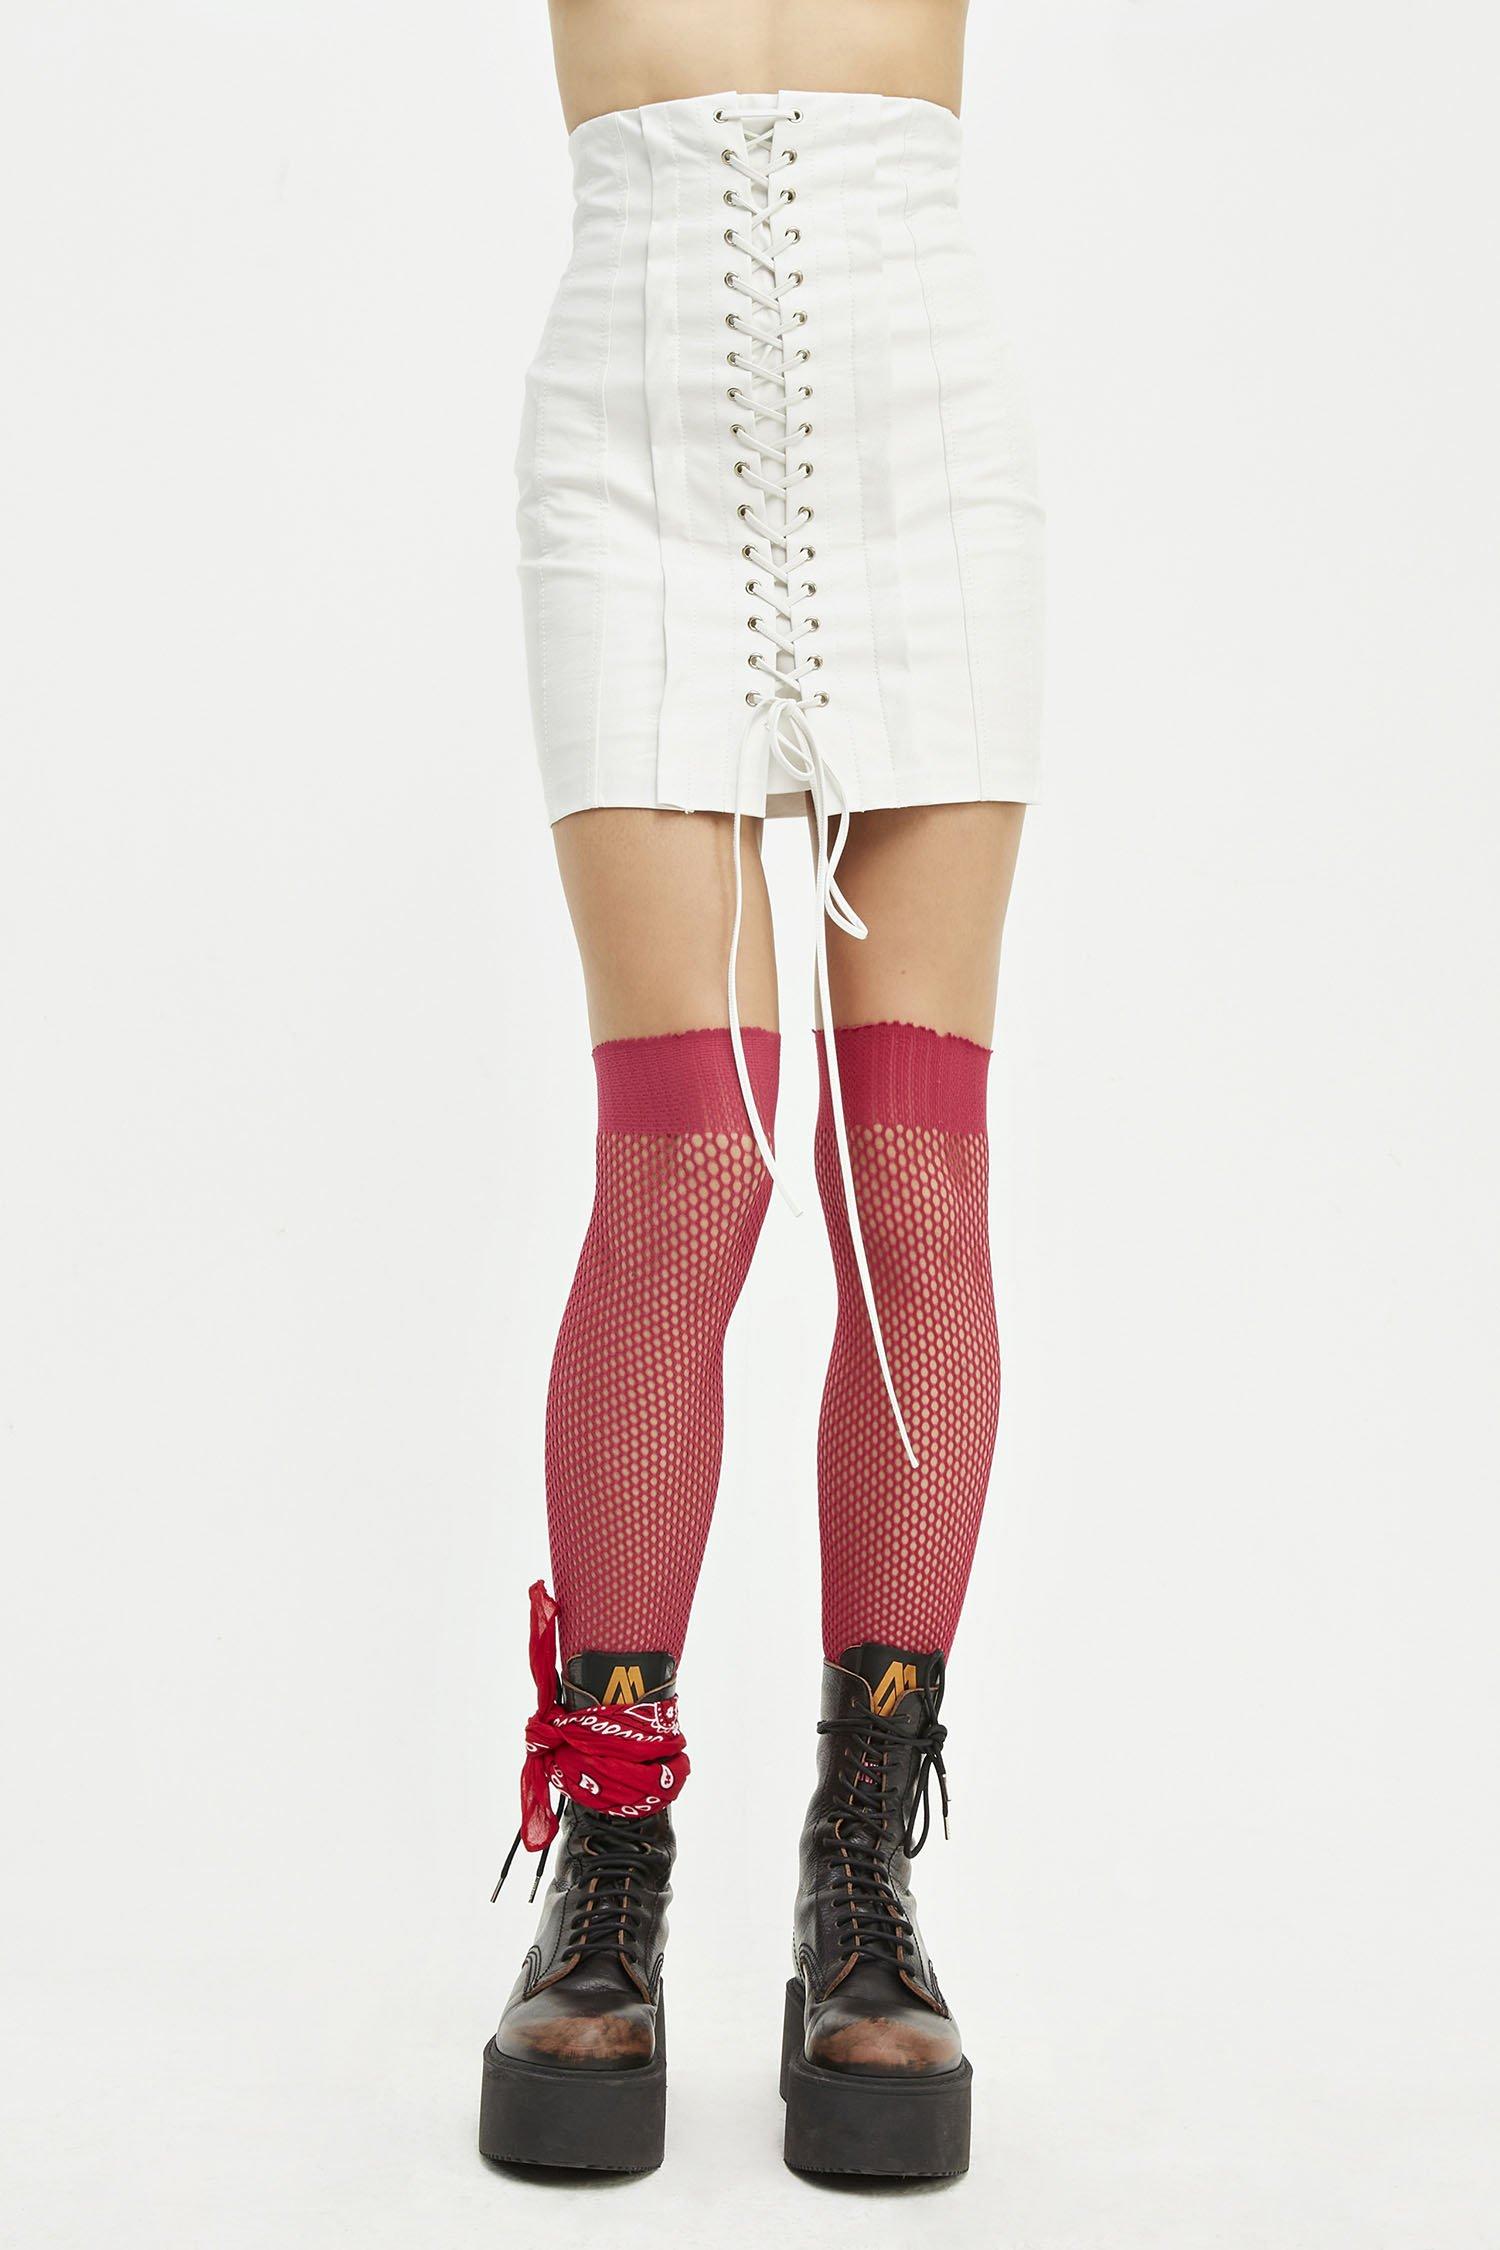 Gonna Mini Skirt Margot panna Aniye By